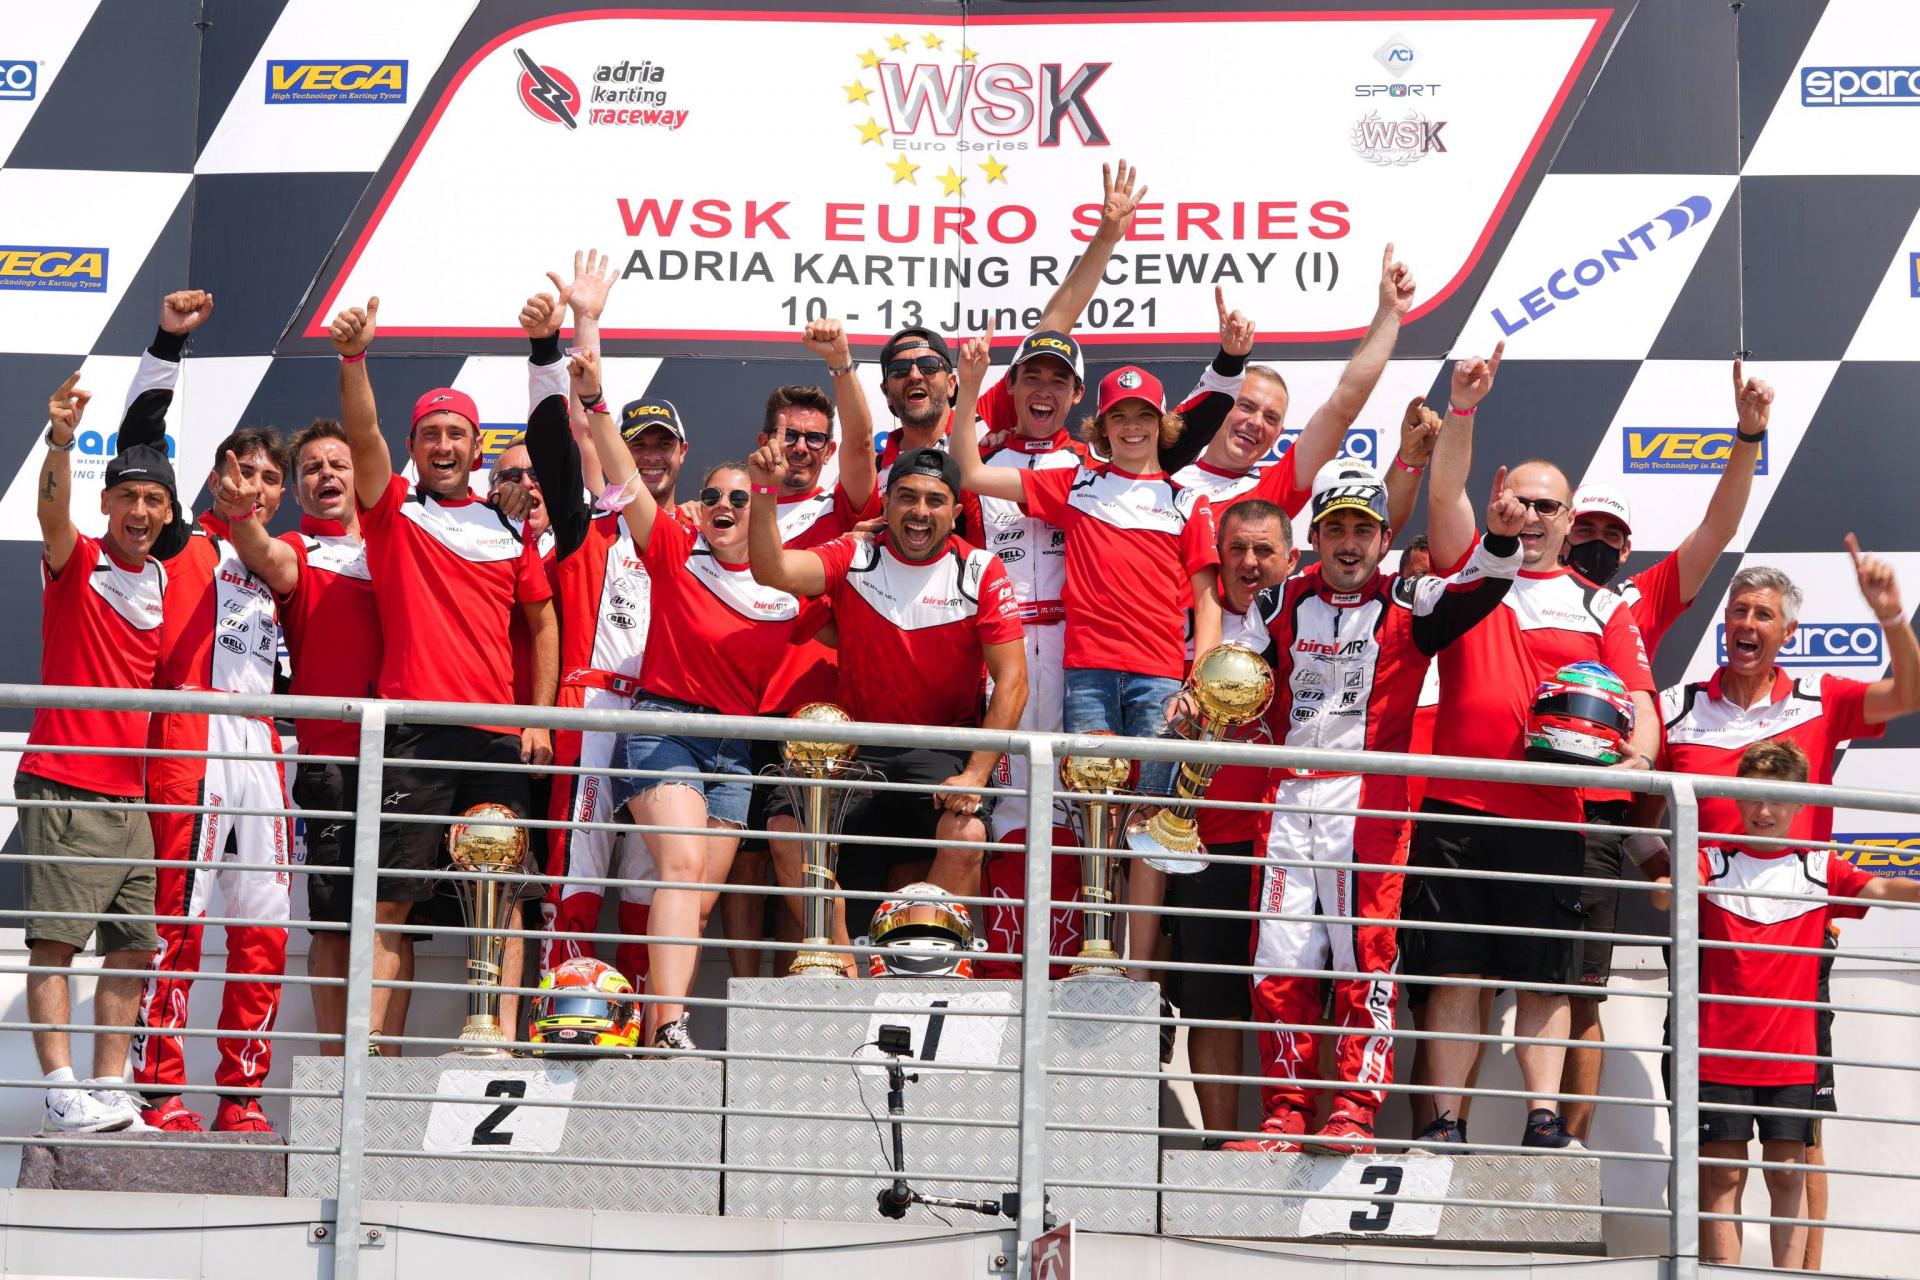 Trionfo rosso nella WSK ad Adria